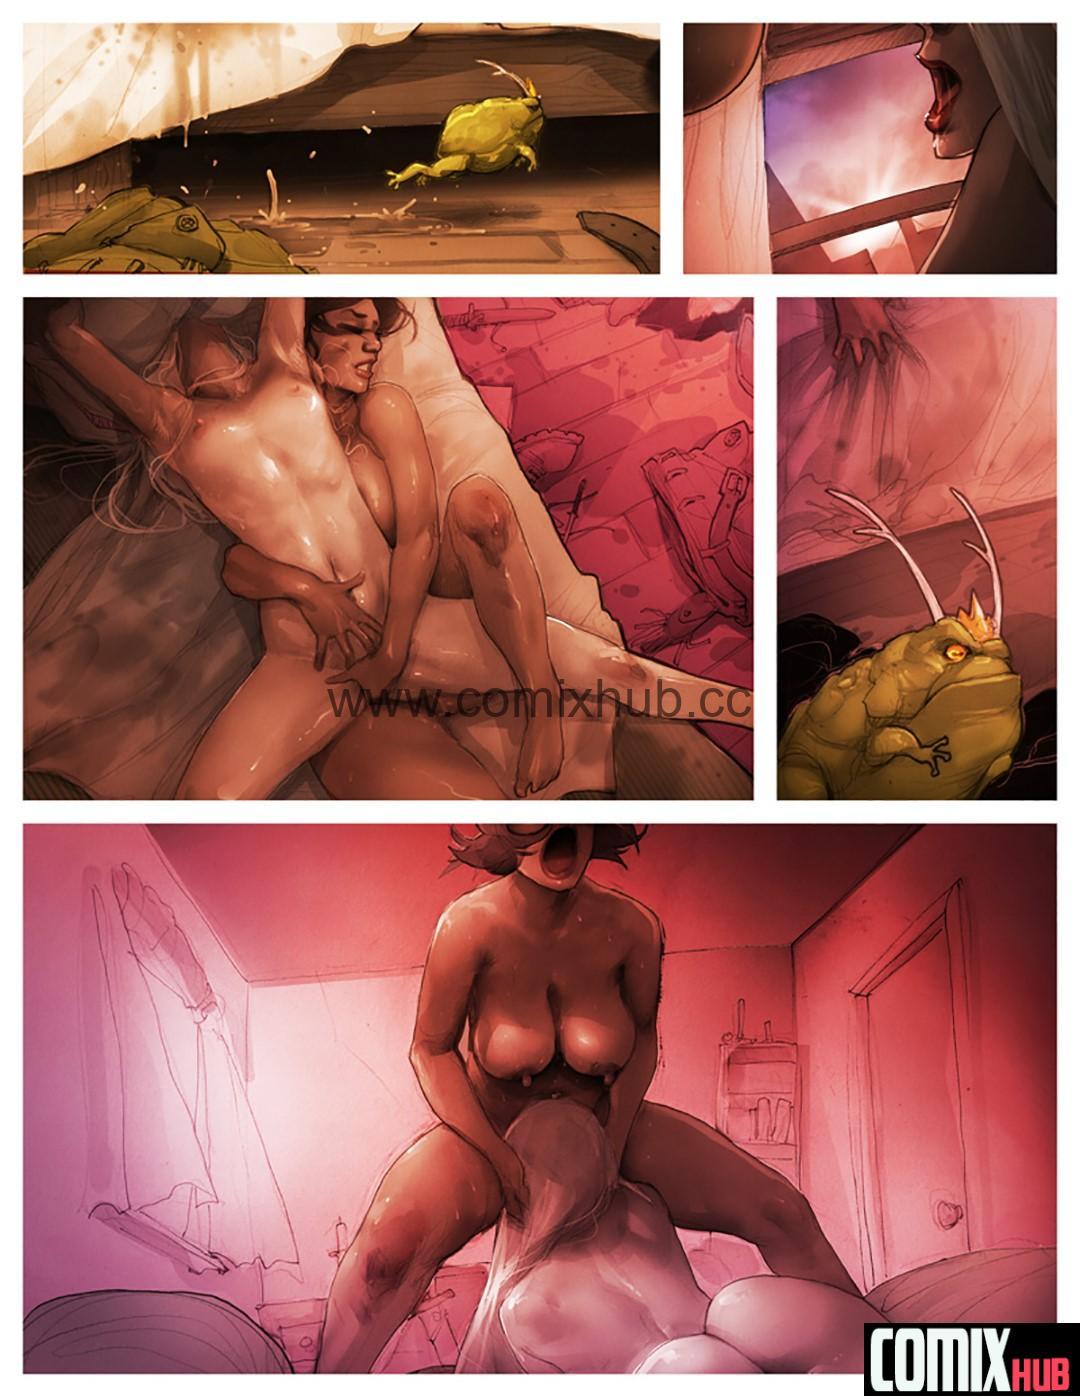 Порно комиксы, Мои скитания в поисках правды и любви Порно комиксы, Анал, Большая грудь, Большая попа, Двойное проникновение, Лесбиянки, Мастурбация